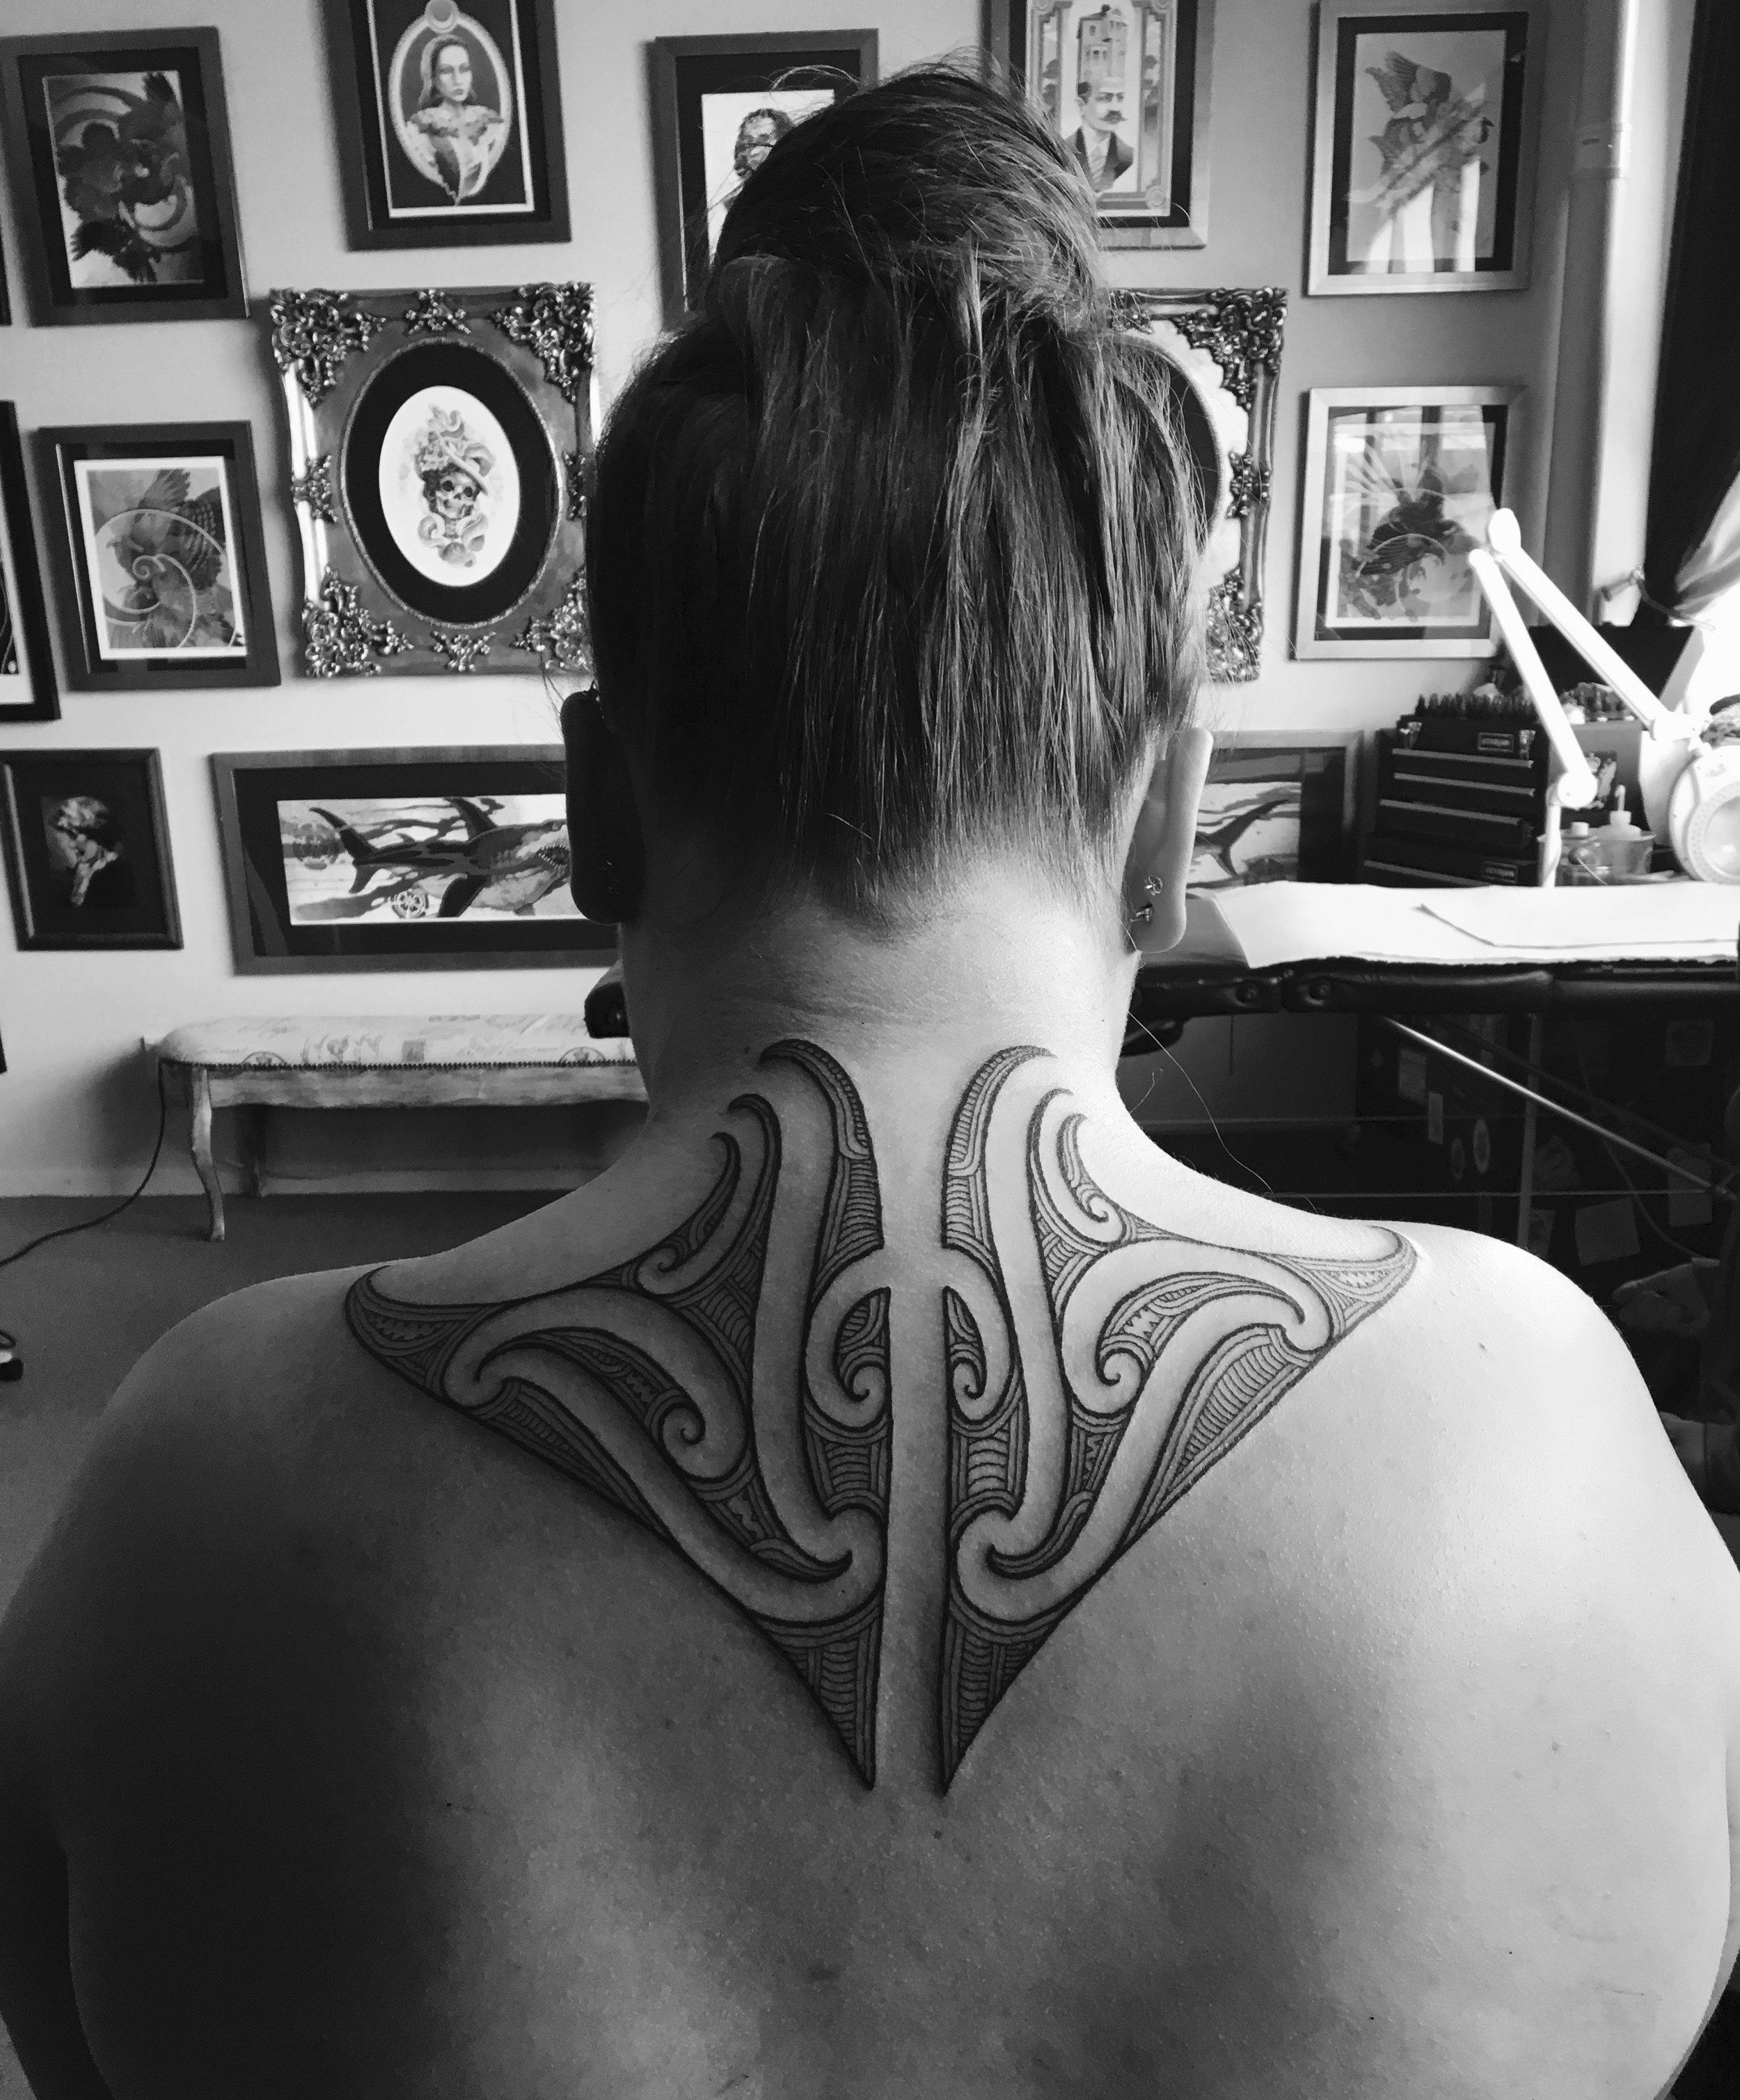 female-maori-tattoo-nz.jpg